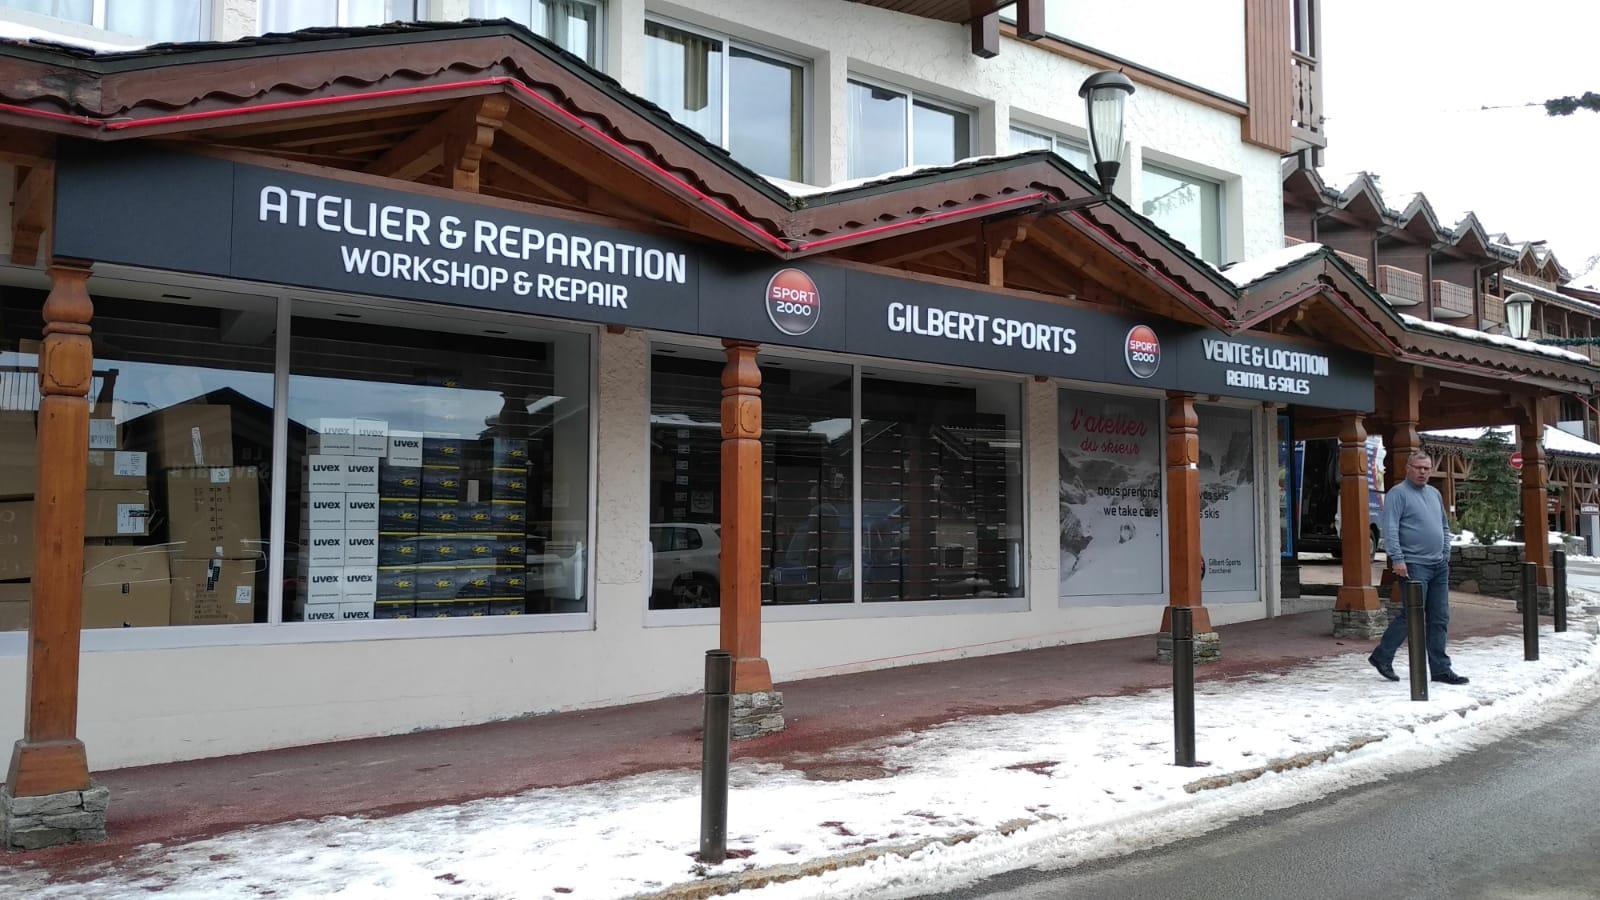 ENSEIGNES BLOC LED - GILBERT SPORTS - COURCHEVEL - SAVOIE PUB